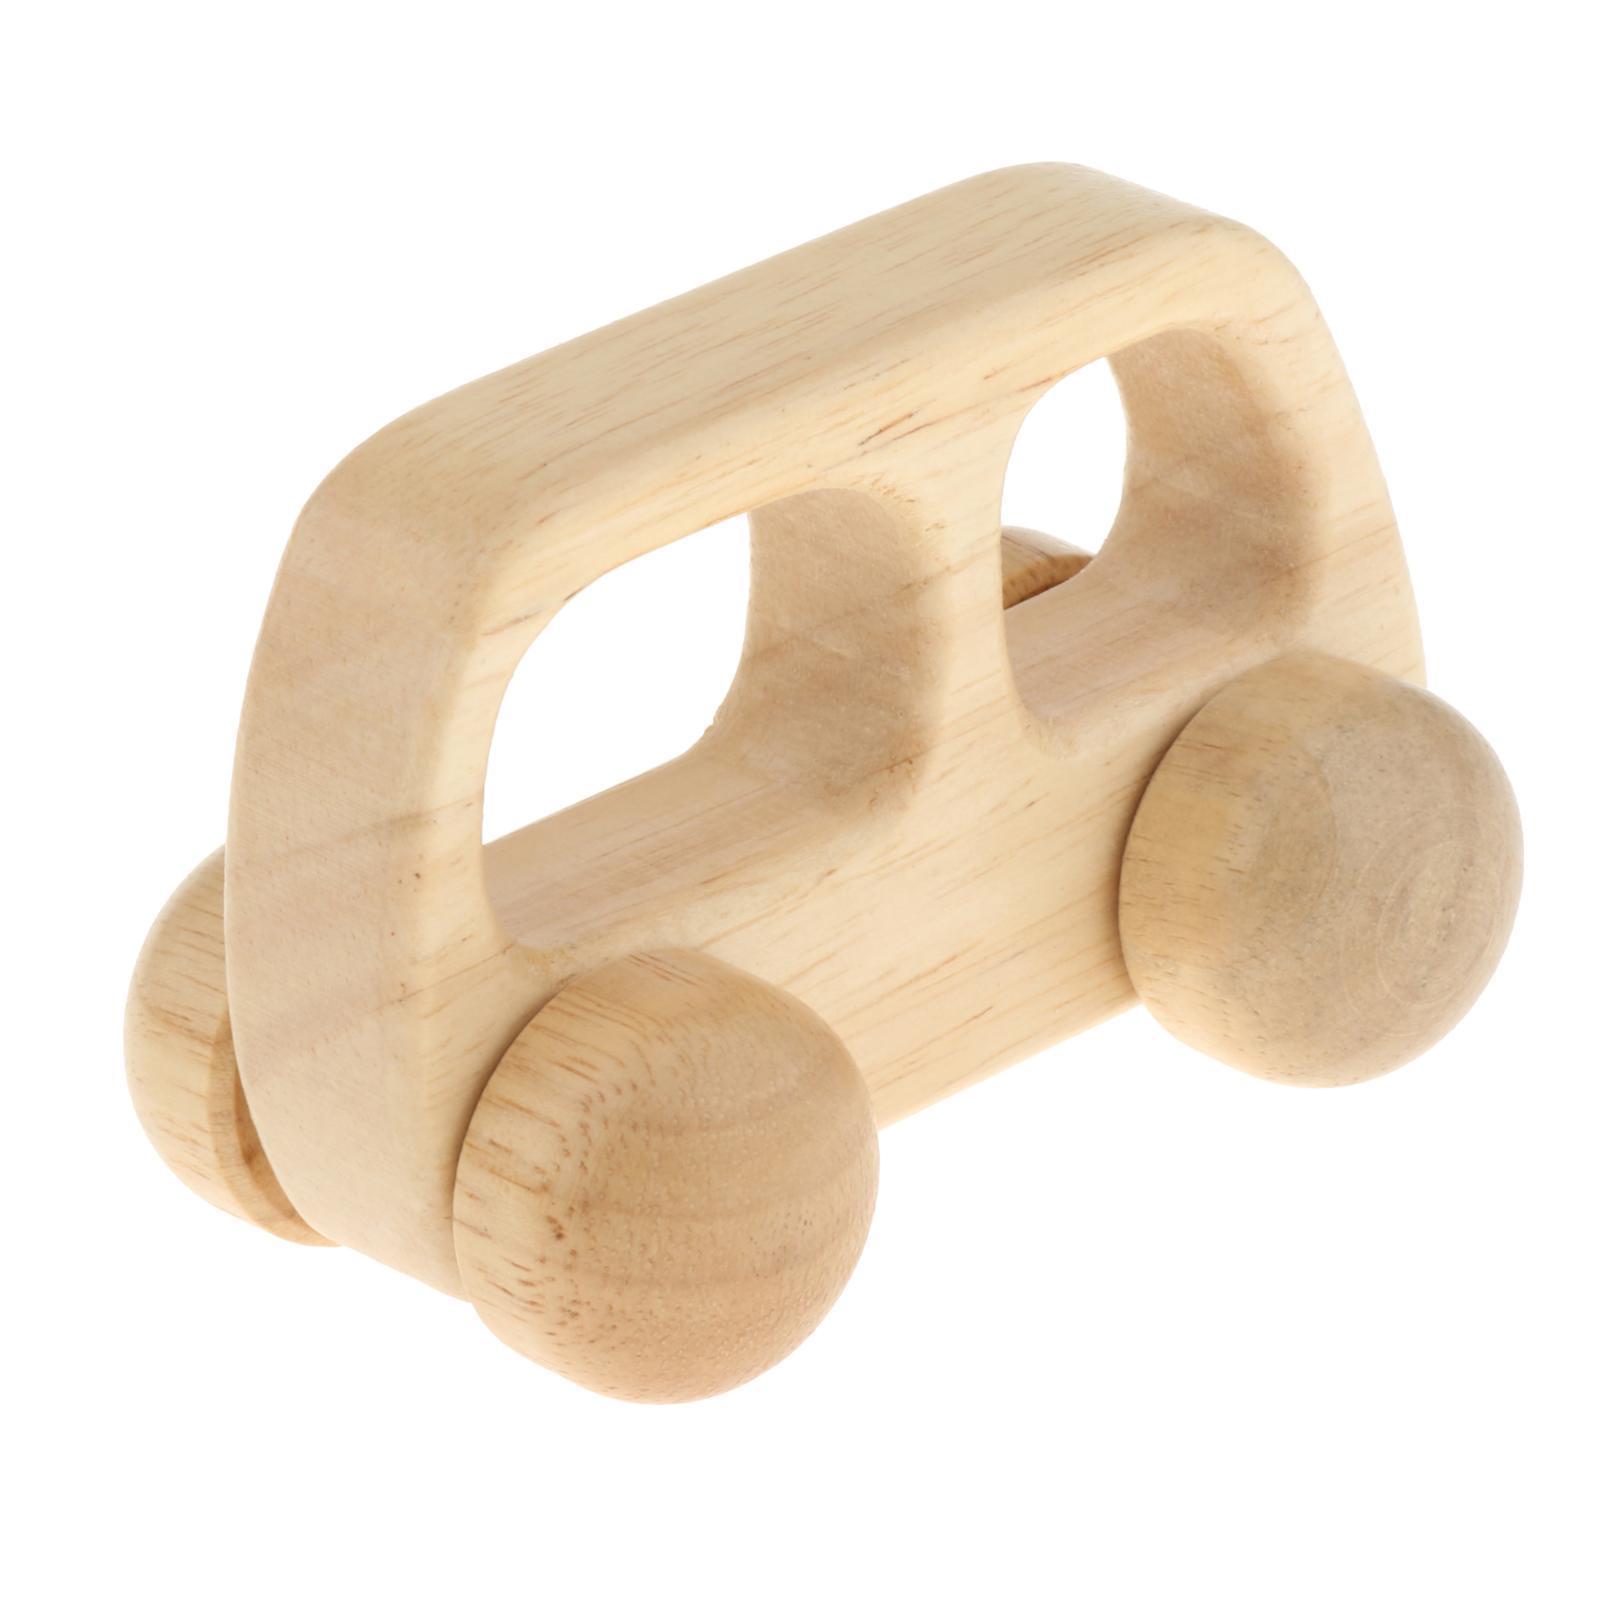 Fatti-a-mano-Giocattoli-di-Legno-Blocchi-di-Auto-Del-Fumetto-di-Attivita miniatura 6